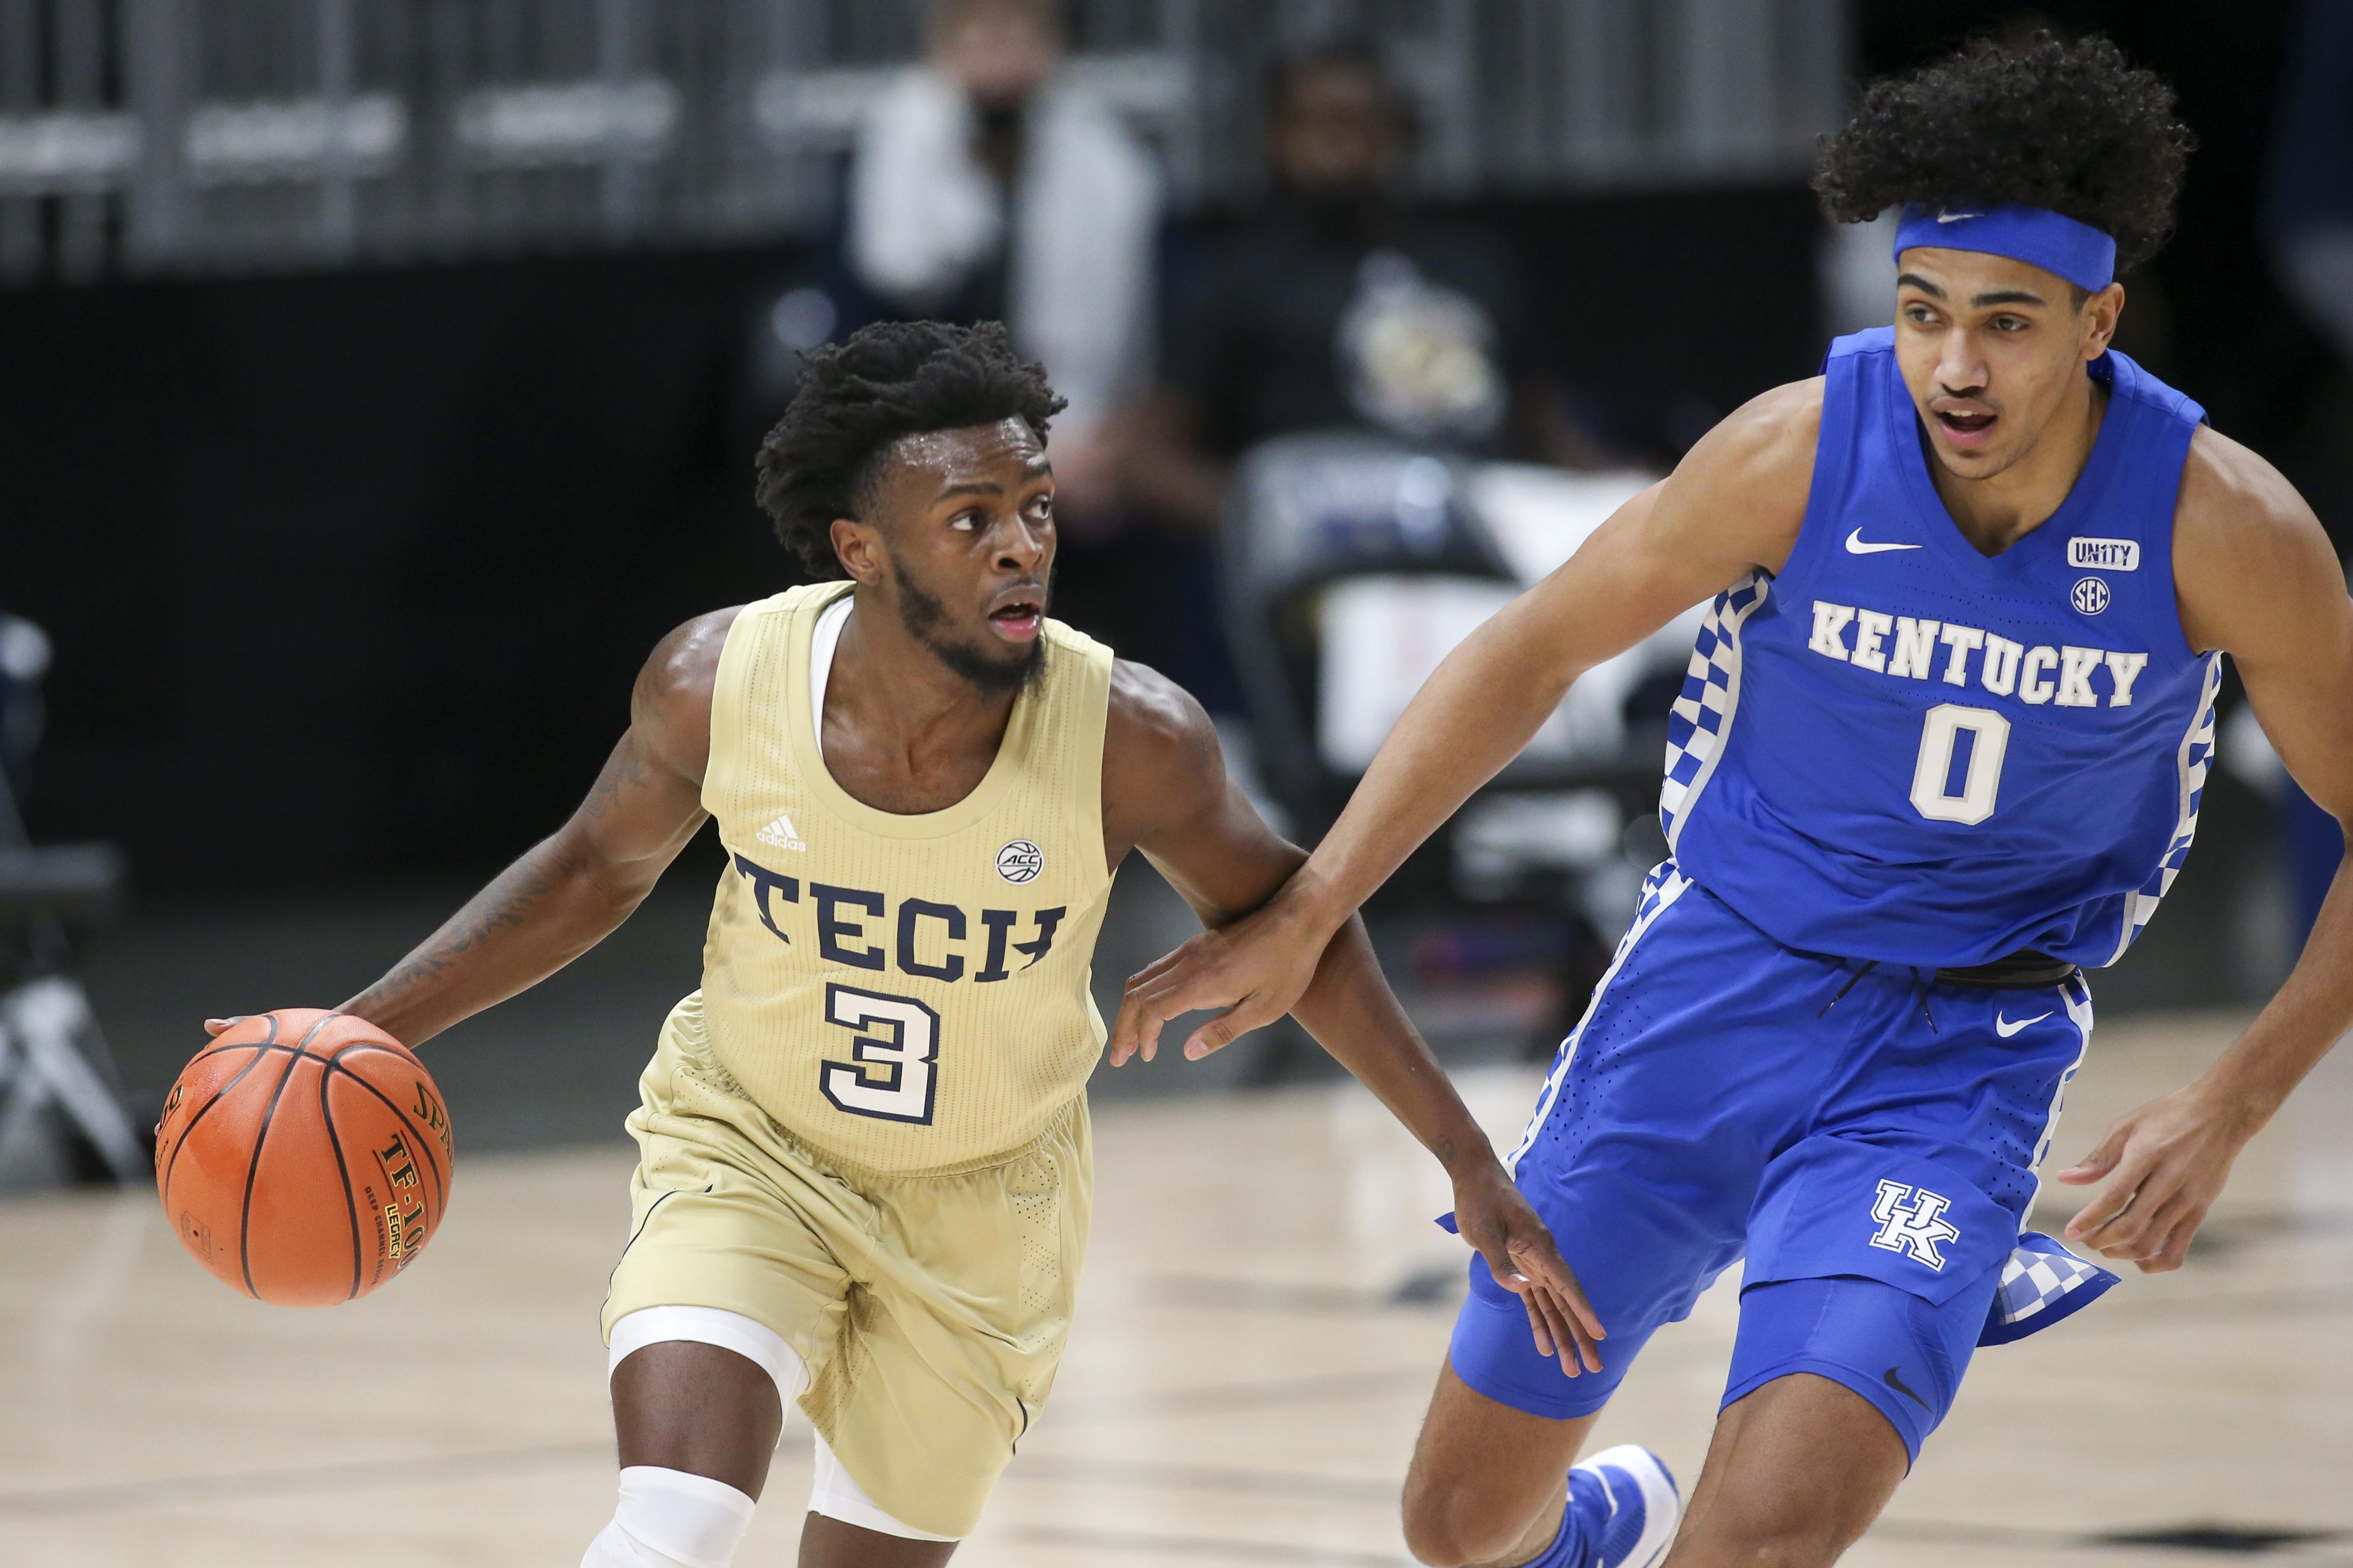 NCAA Basketball: Kentucky at Georgia Tech